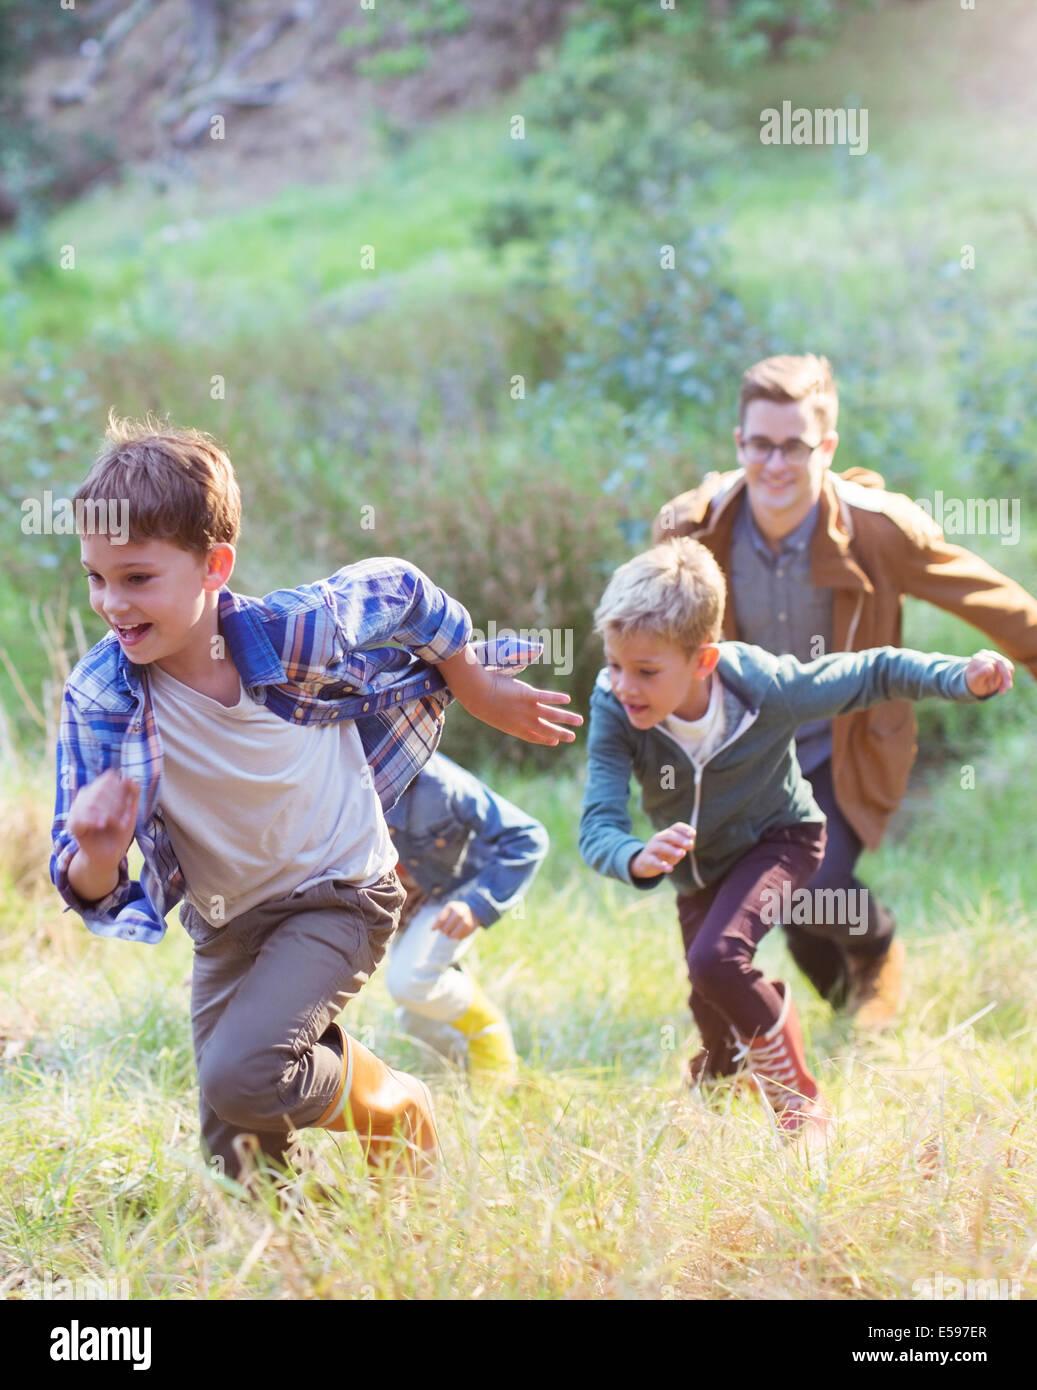 Enfants courant dans le champ Photo Stock